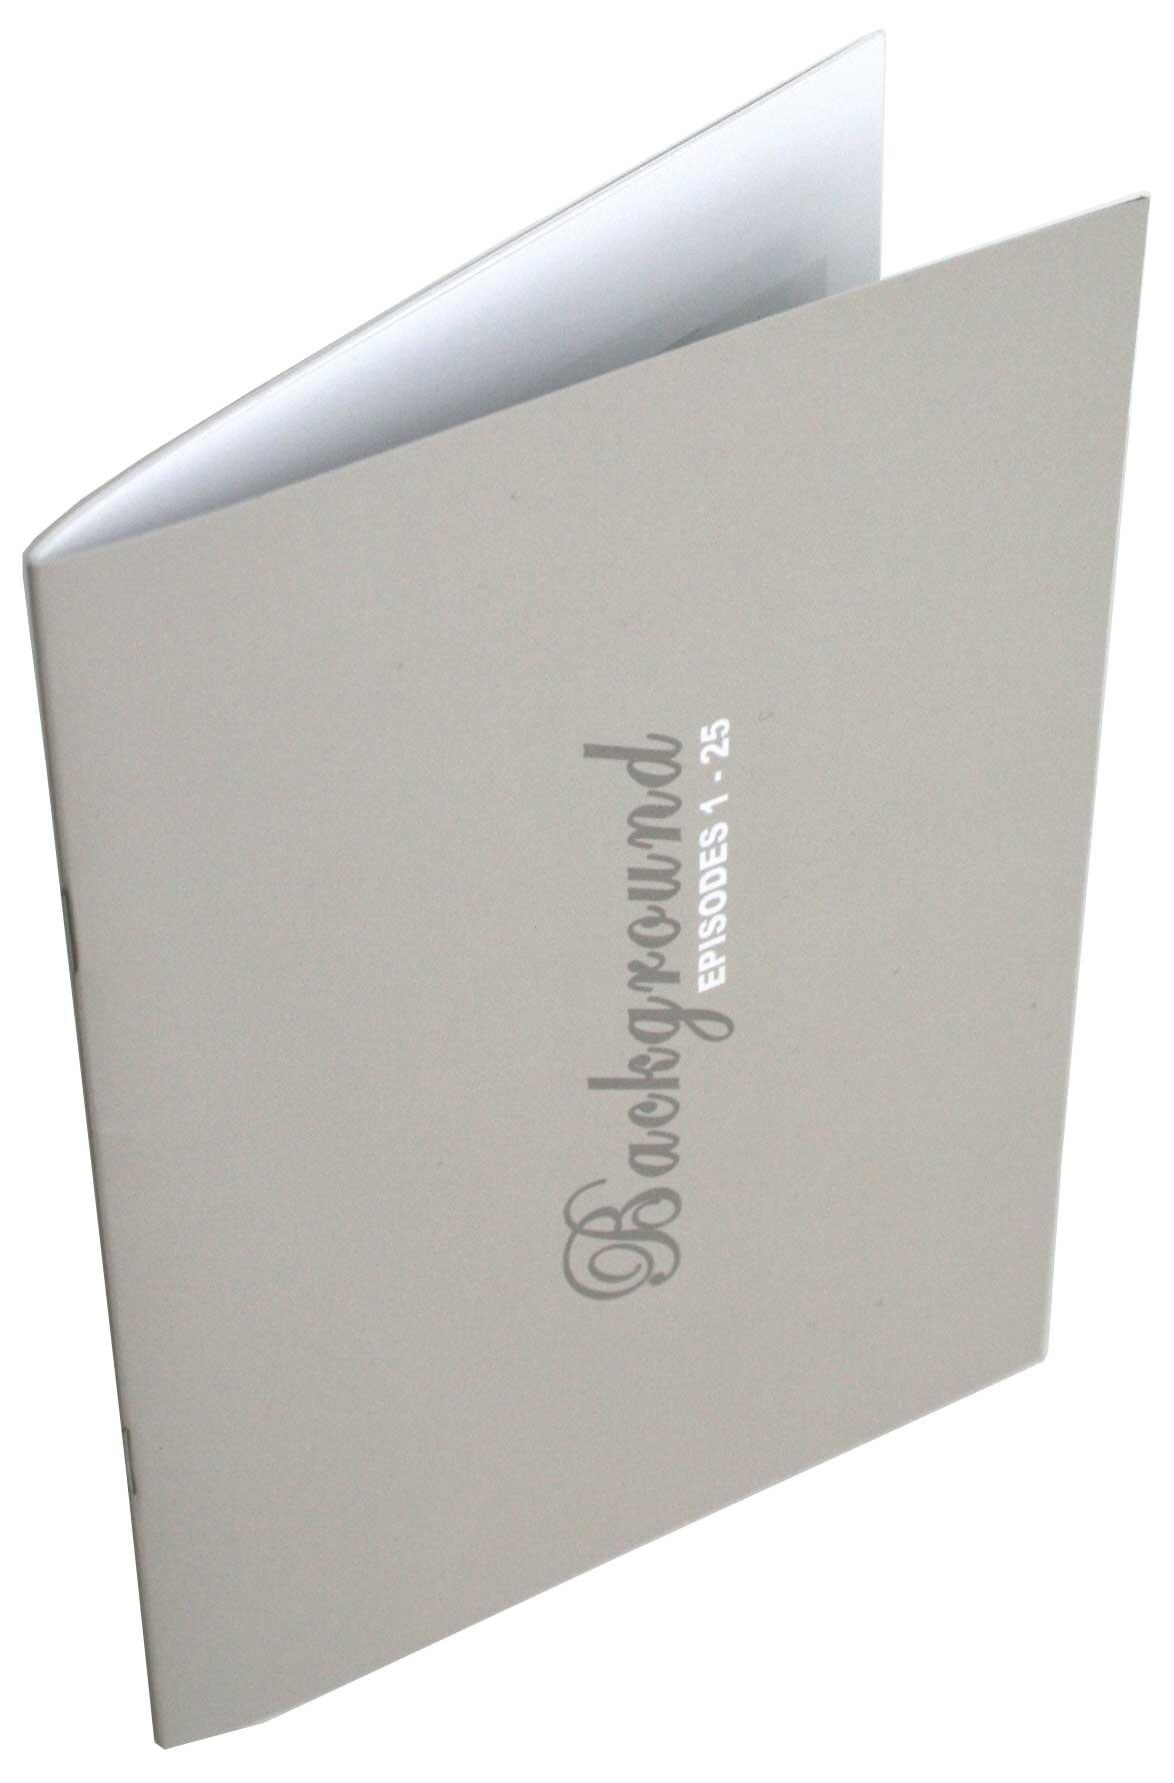 Livret des décors Fullmettal Alchemist Box DVD collector 1